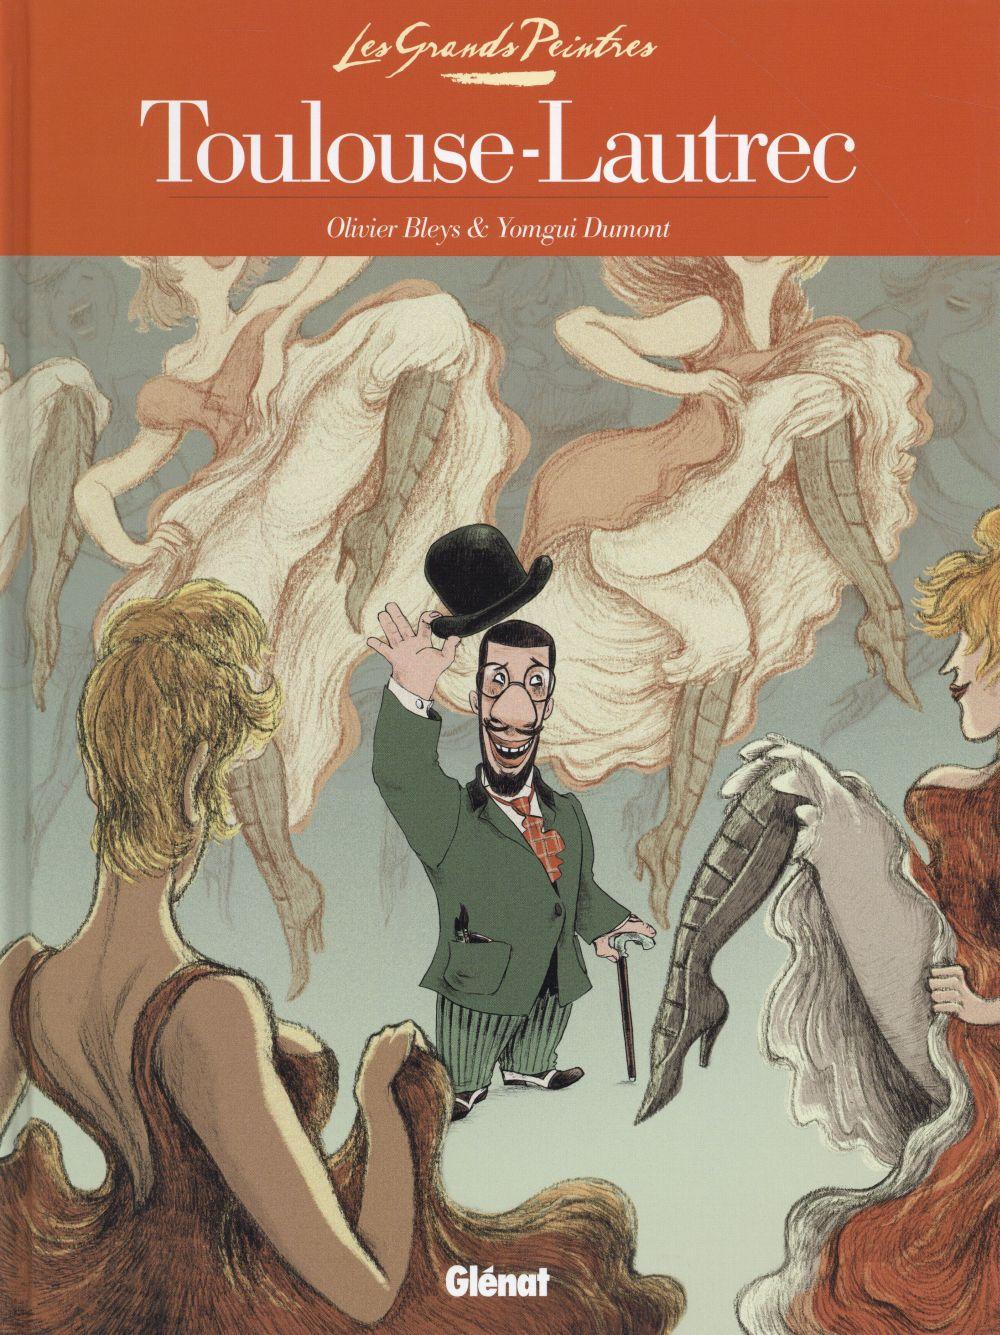 LES GRANDS PEINTRES ; Toulouse-Lautrec